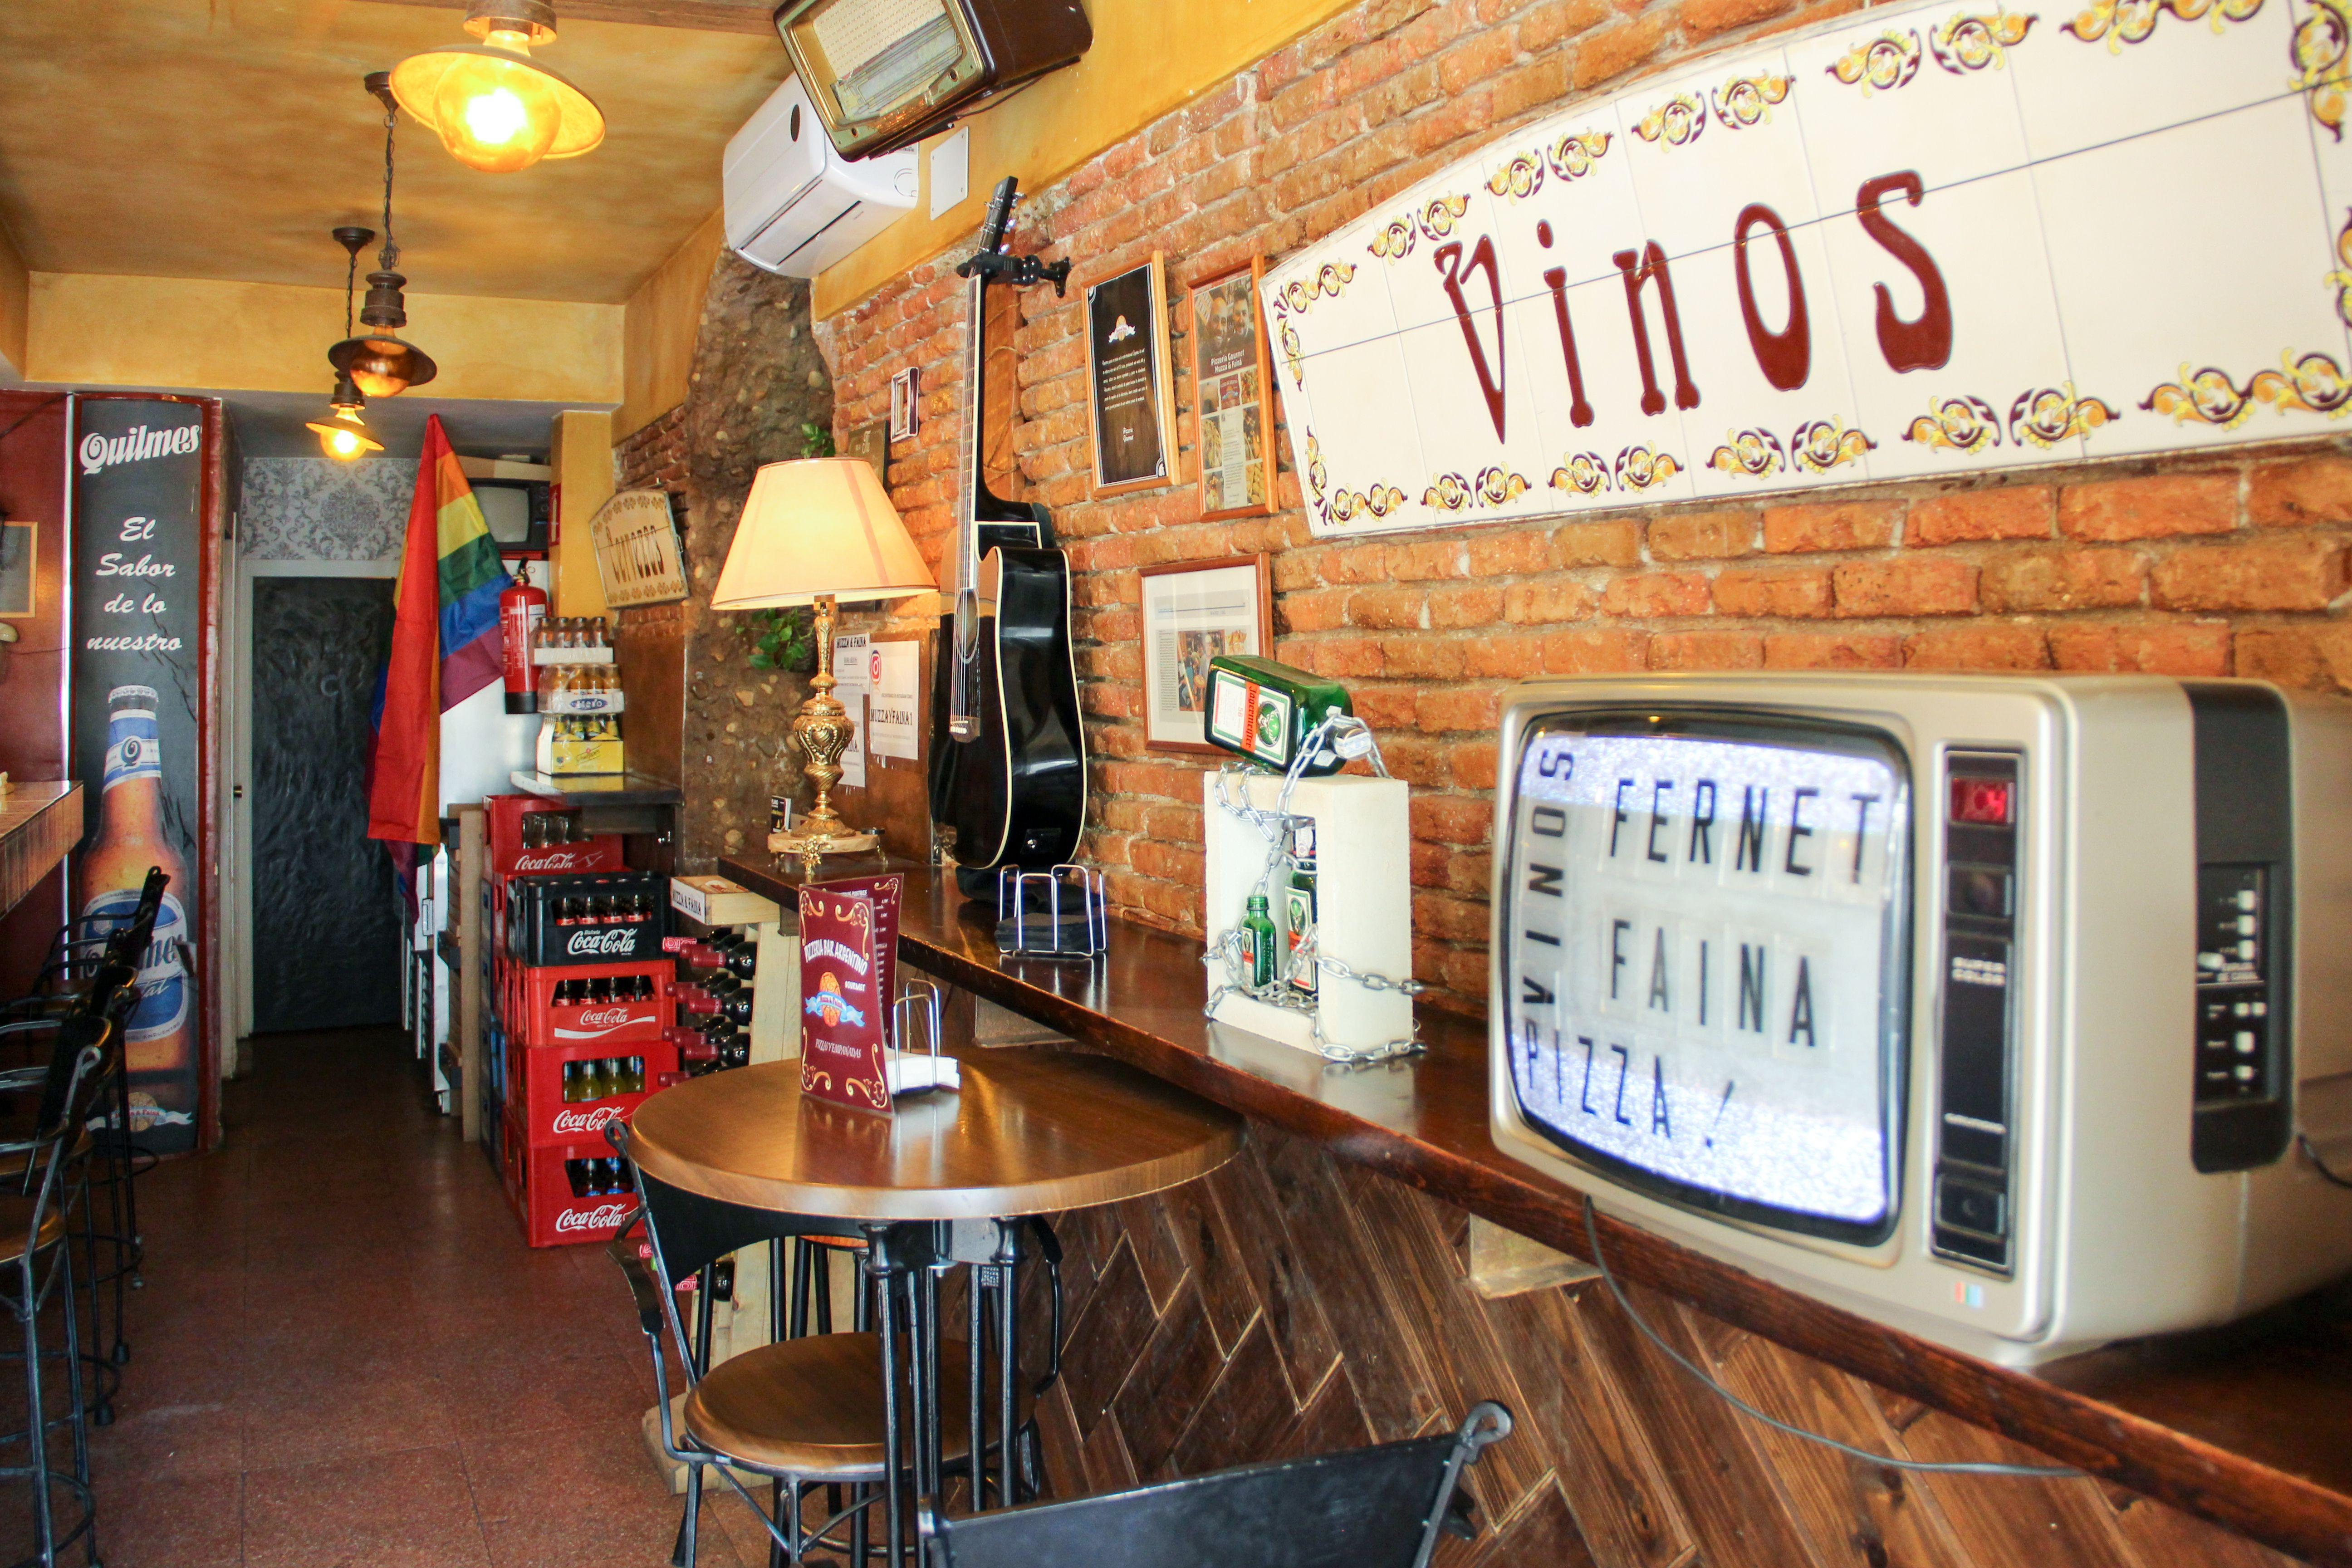 Foto 6 de Pizzería en Madrid | Muzza y Faina